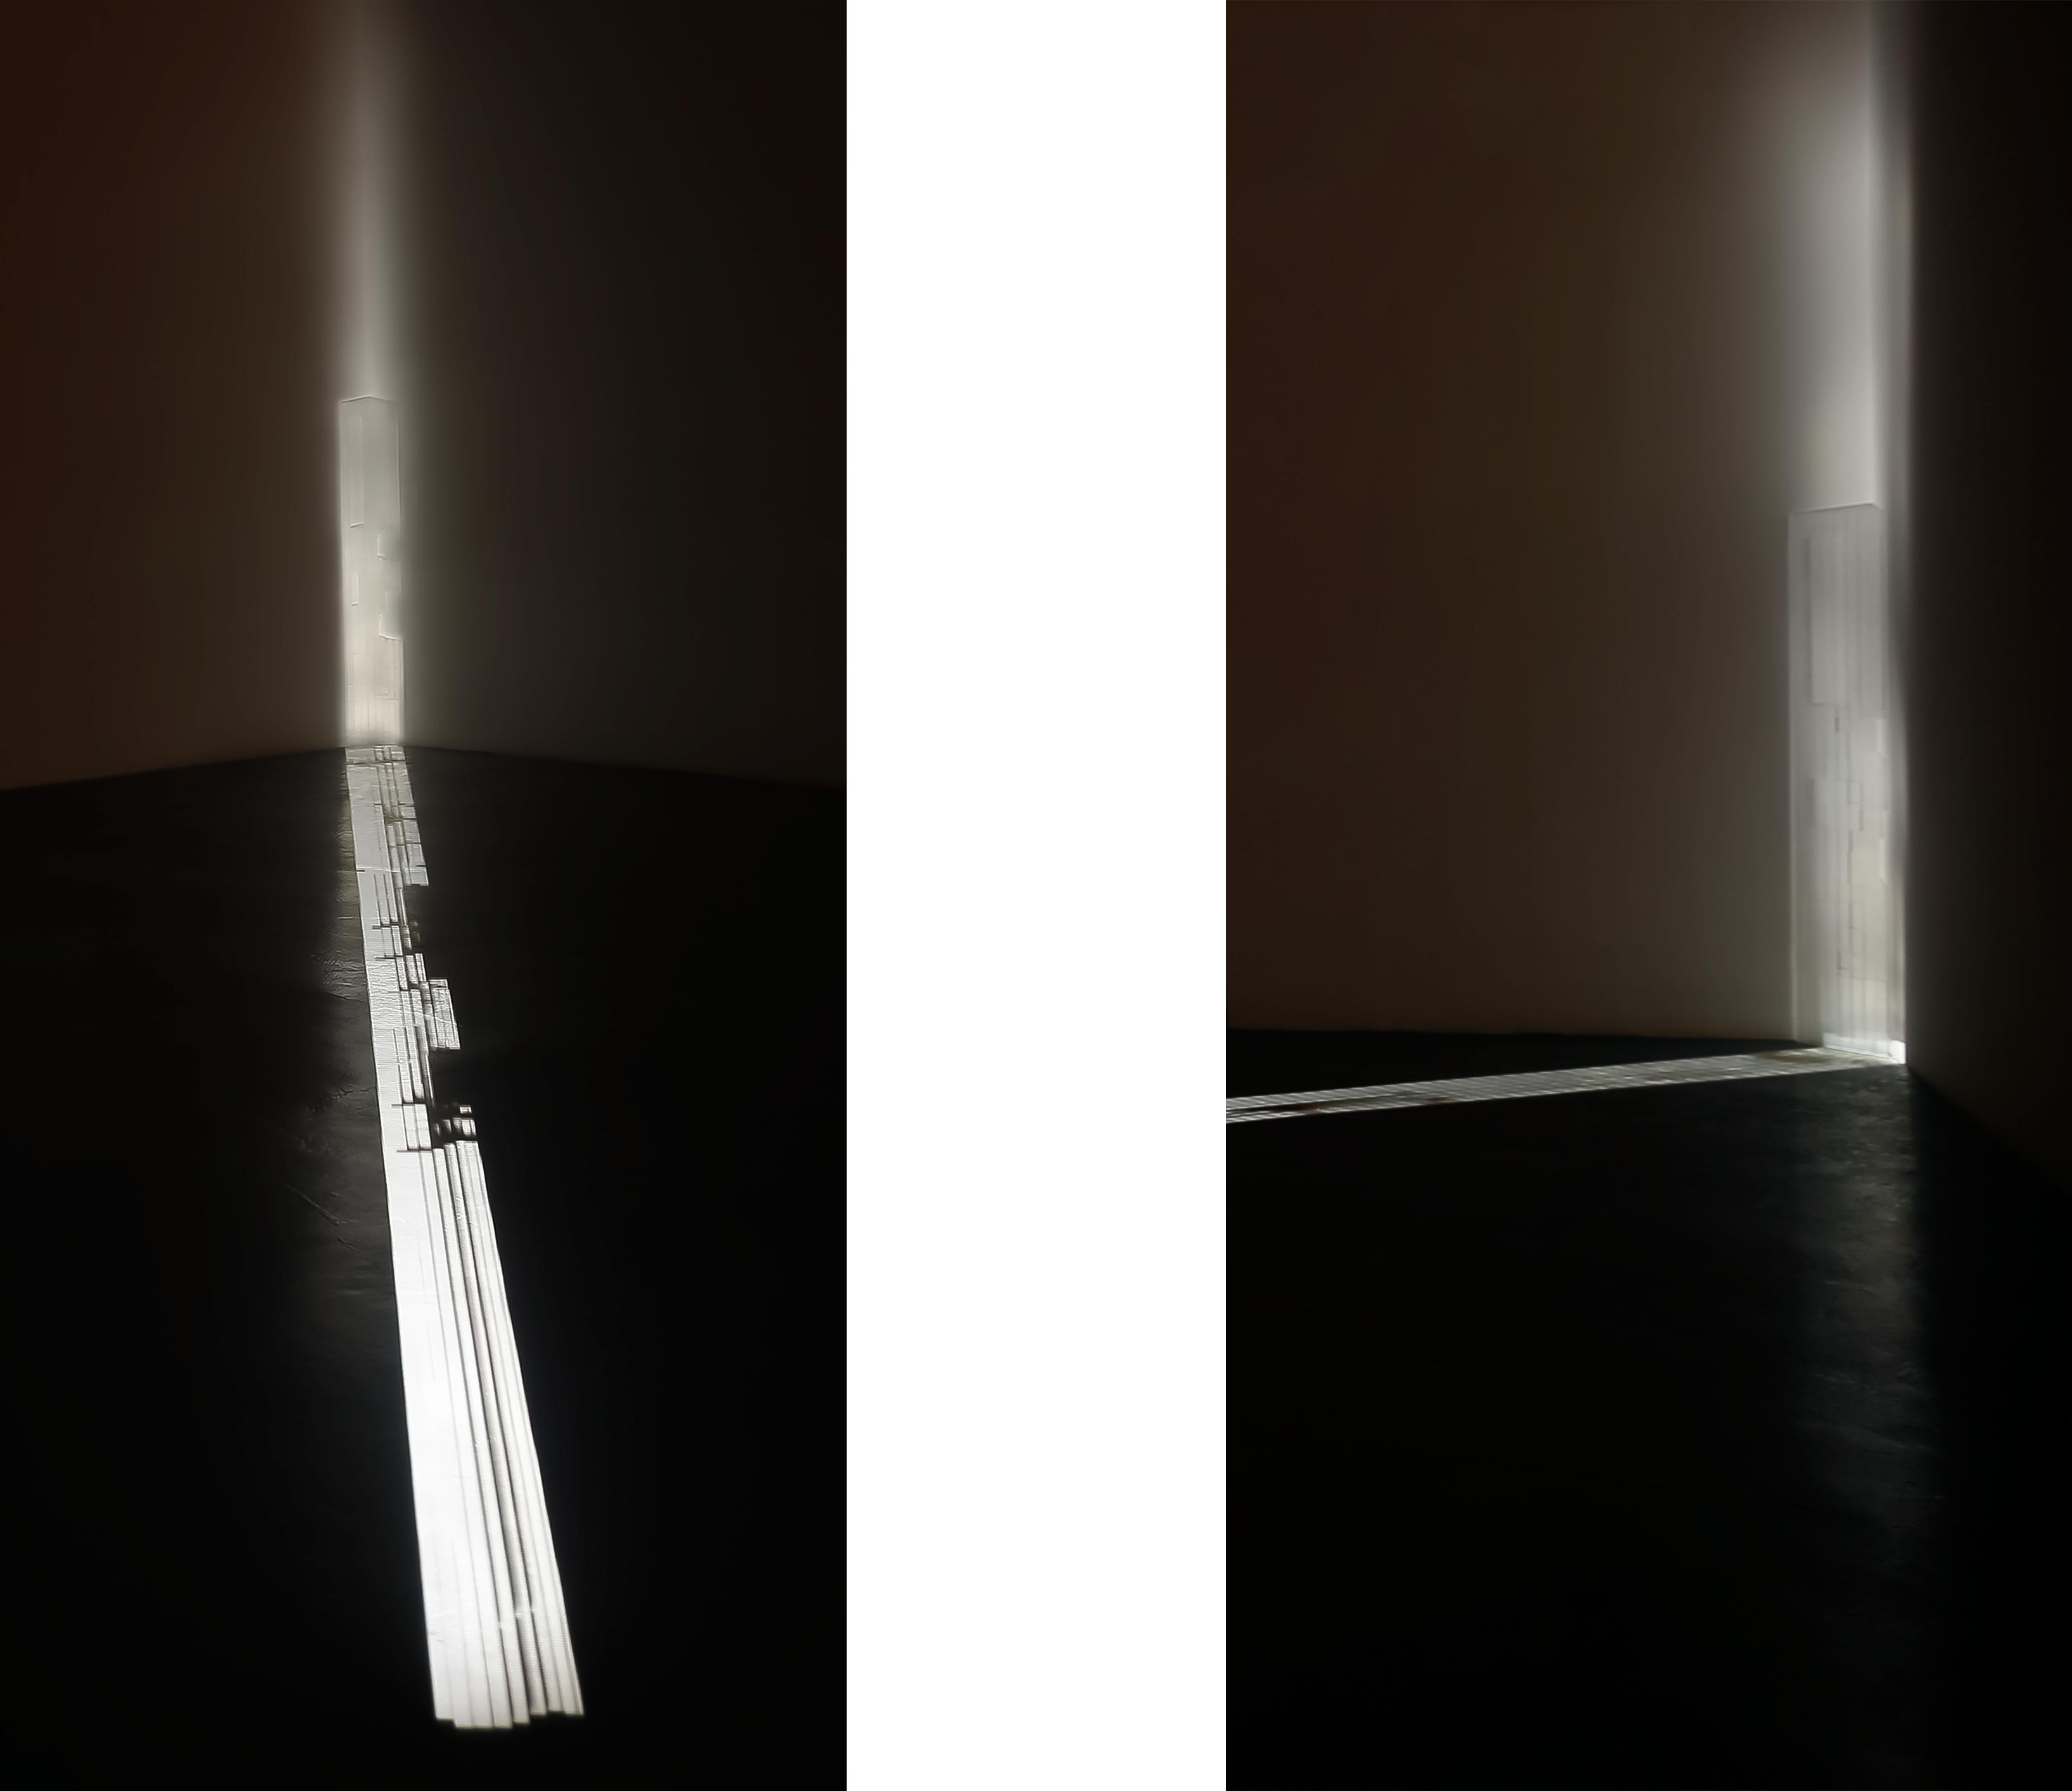 umbra-collage_01